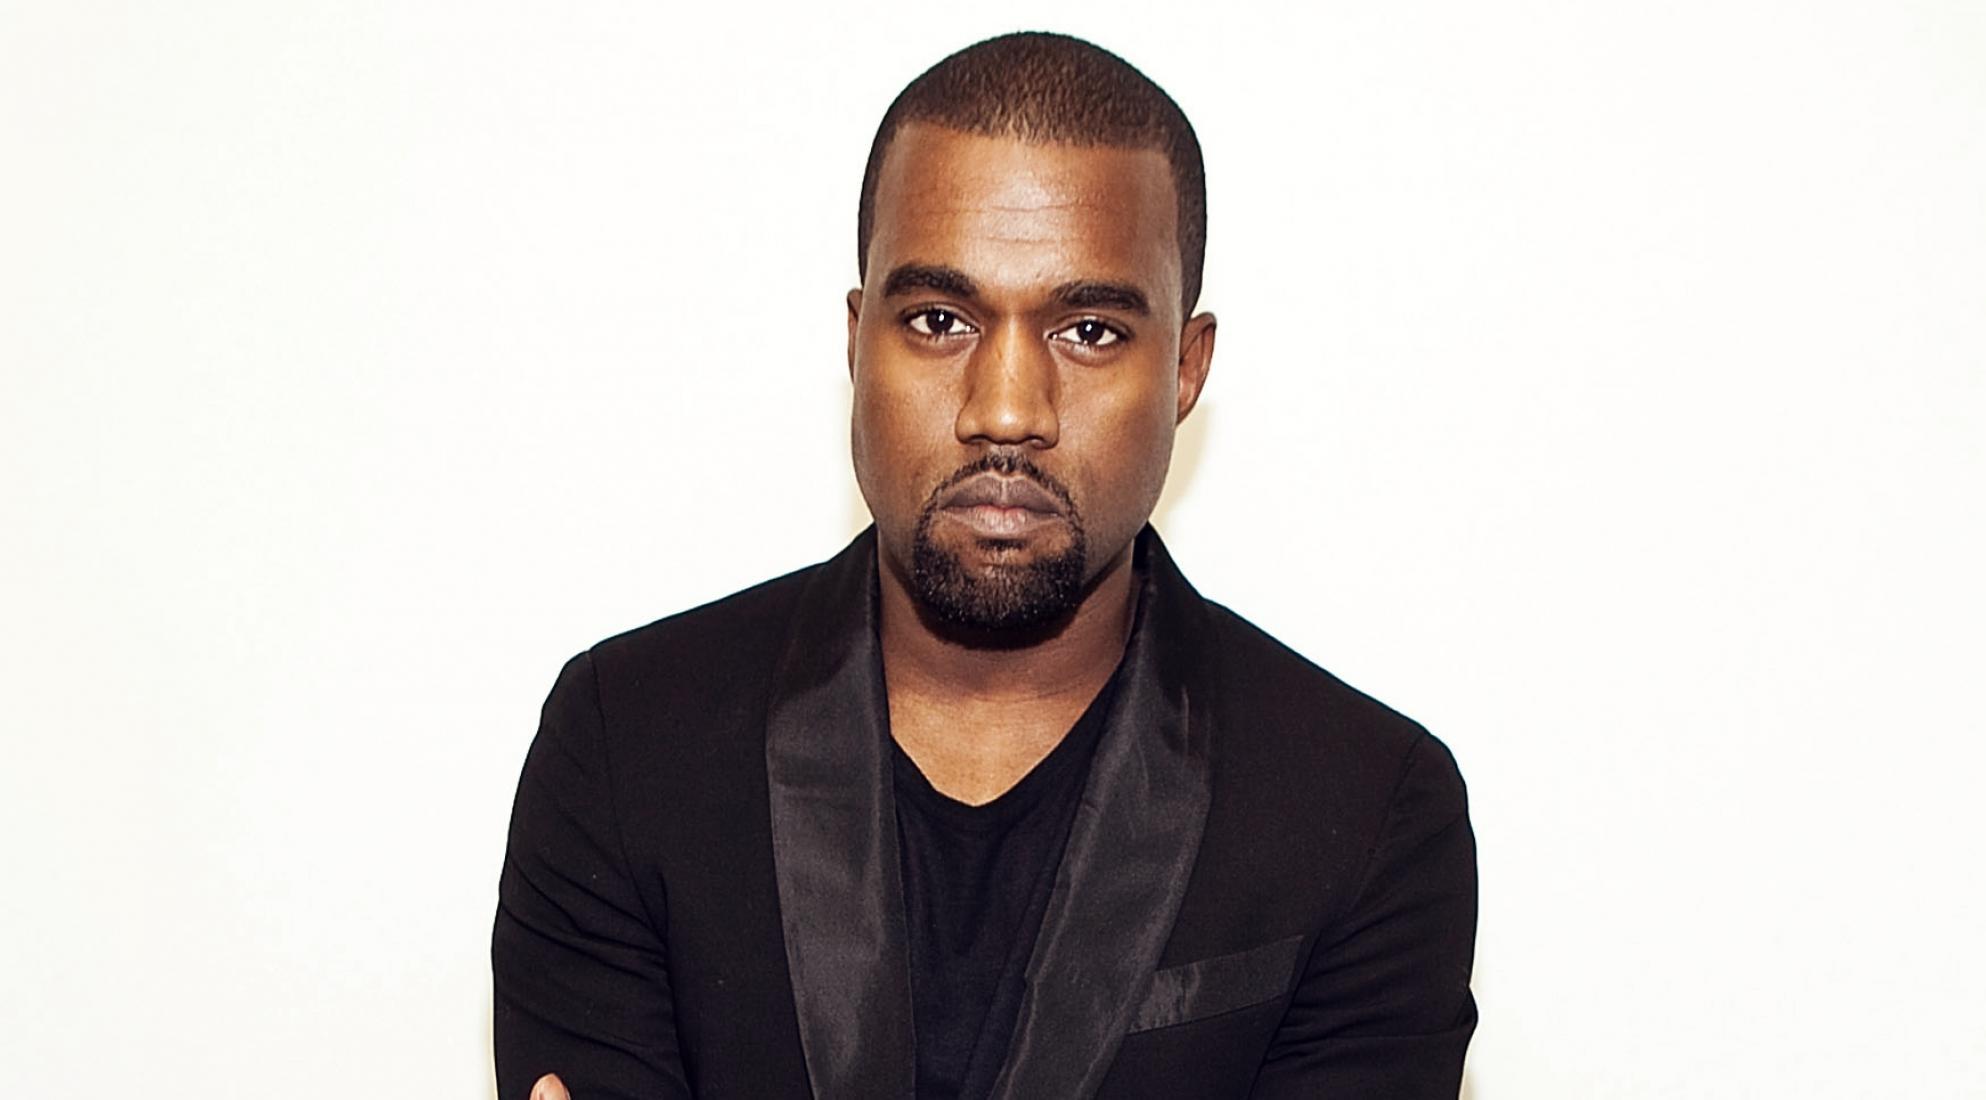 Kanye West si candida a Presidente degli Stati Uniti per il 2020